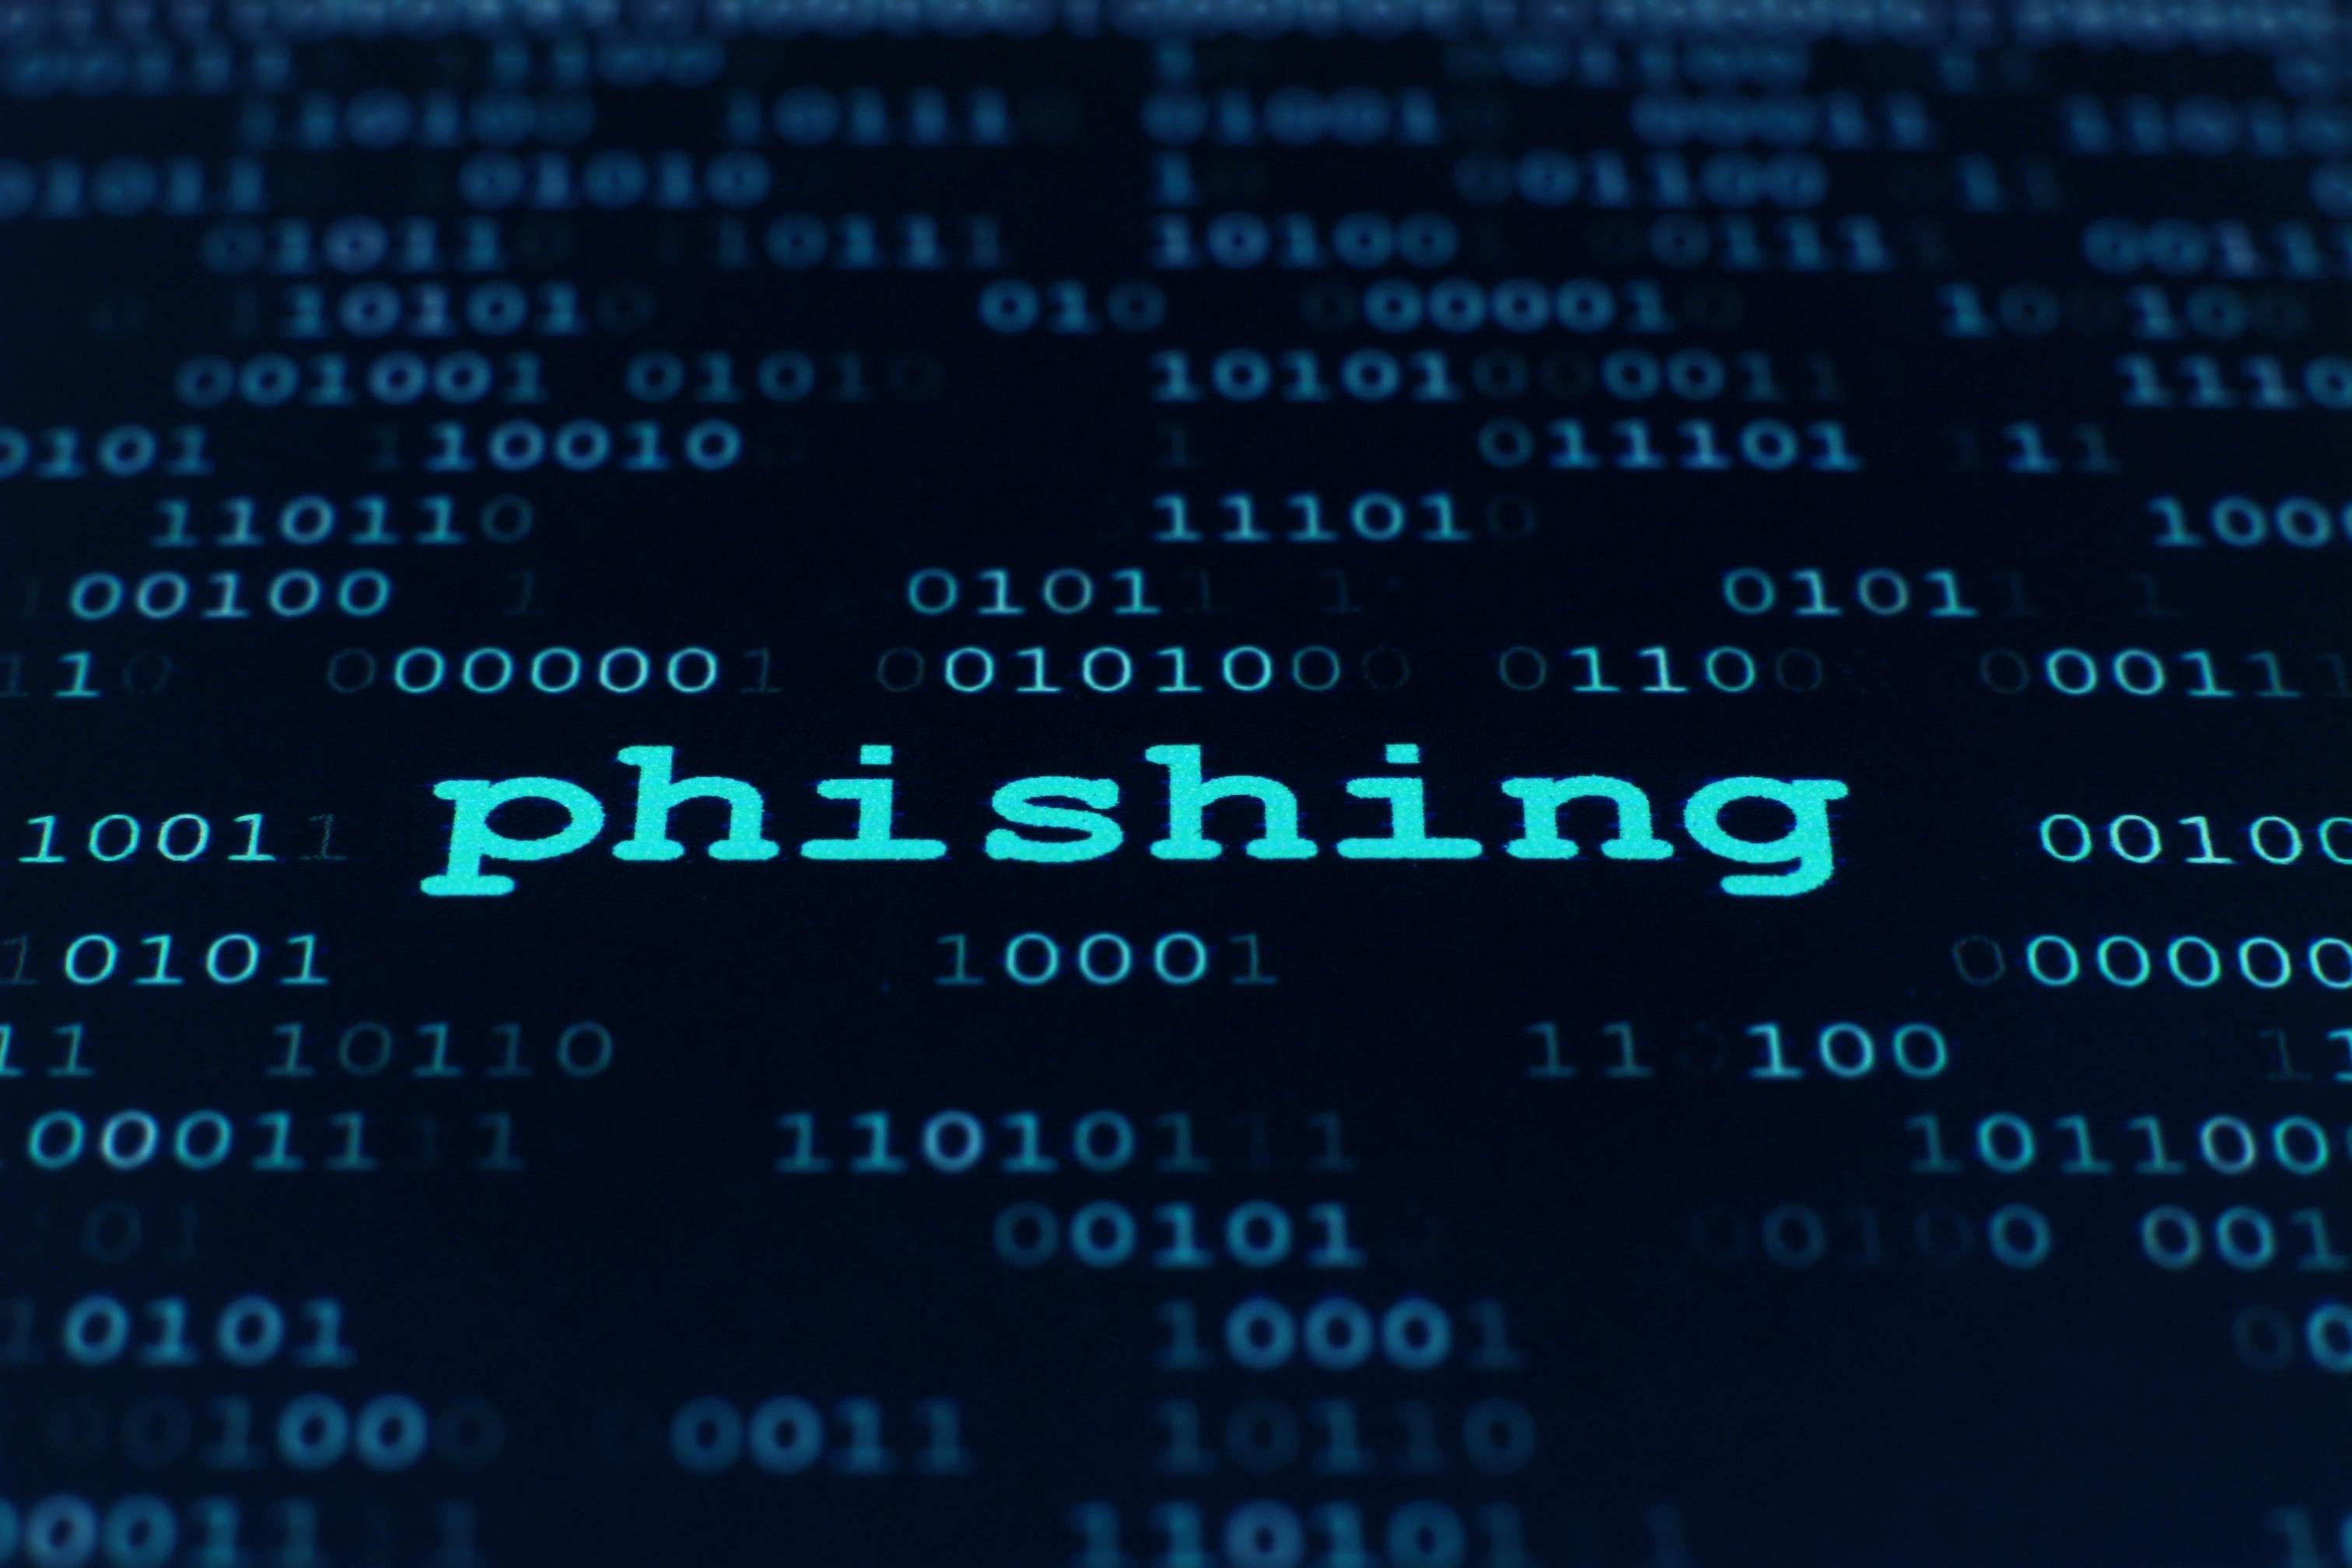 Attacchi di phishing in crescita del 27,5% nel terzo trimestre del 2018